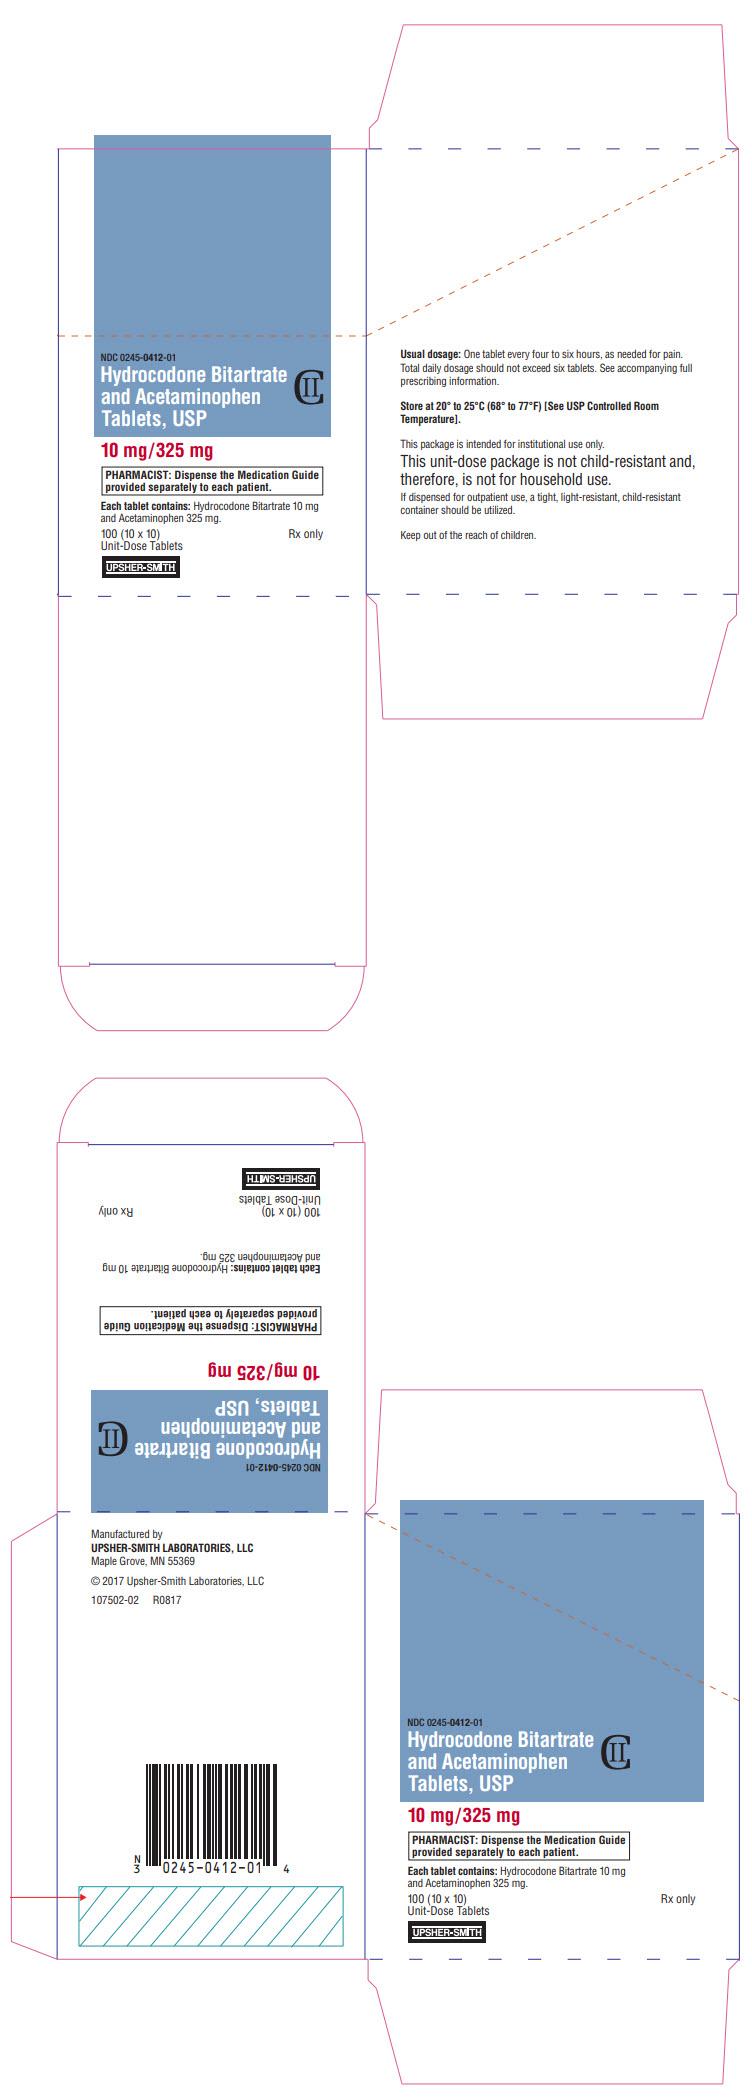 PRINCIPAL DISPLAY PANEL - 10 mg/325 mg Tablet Blister Pack Carton